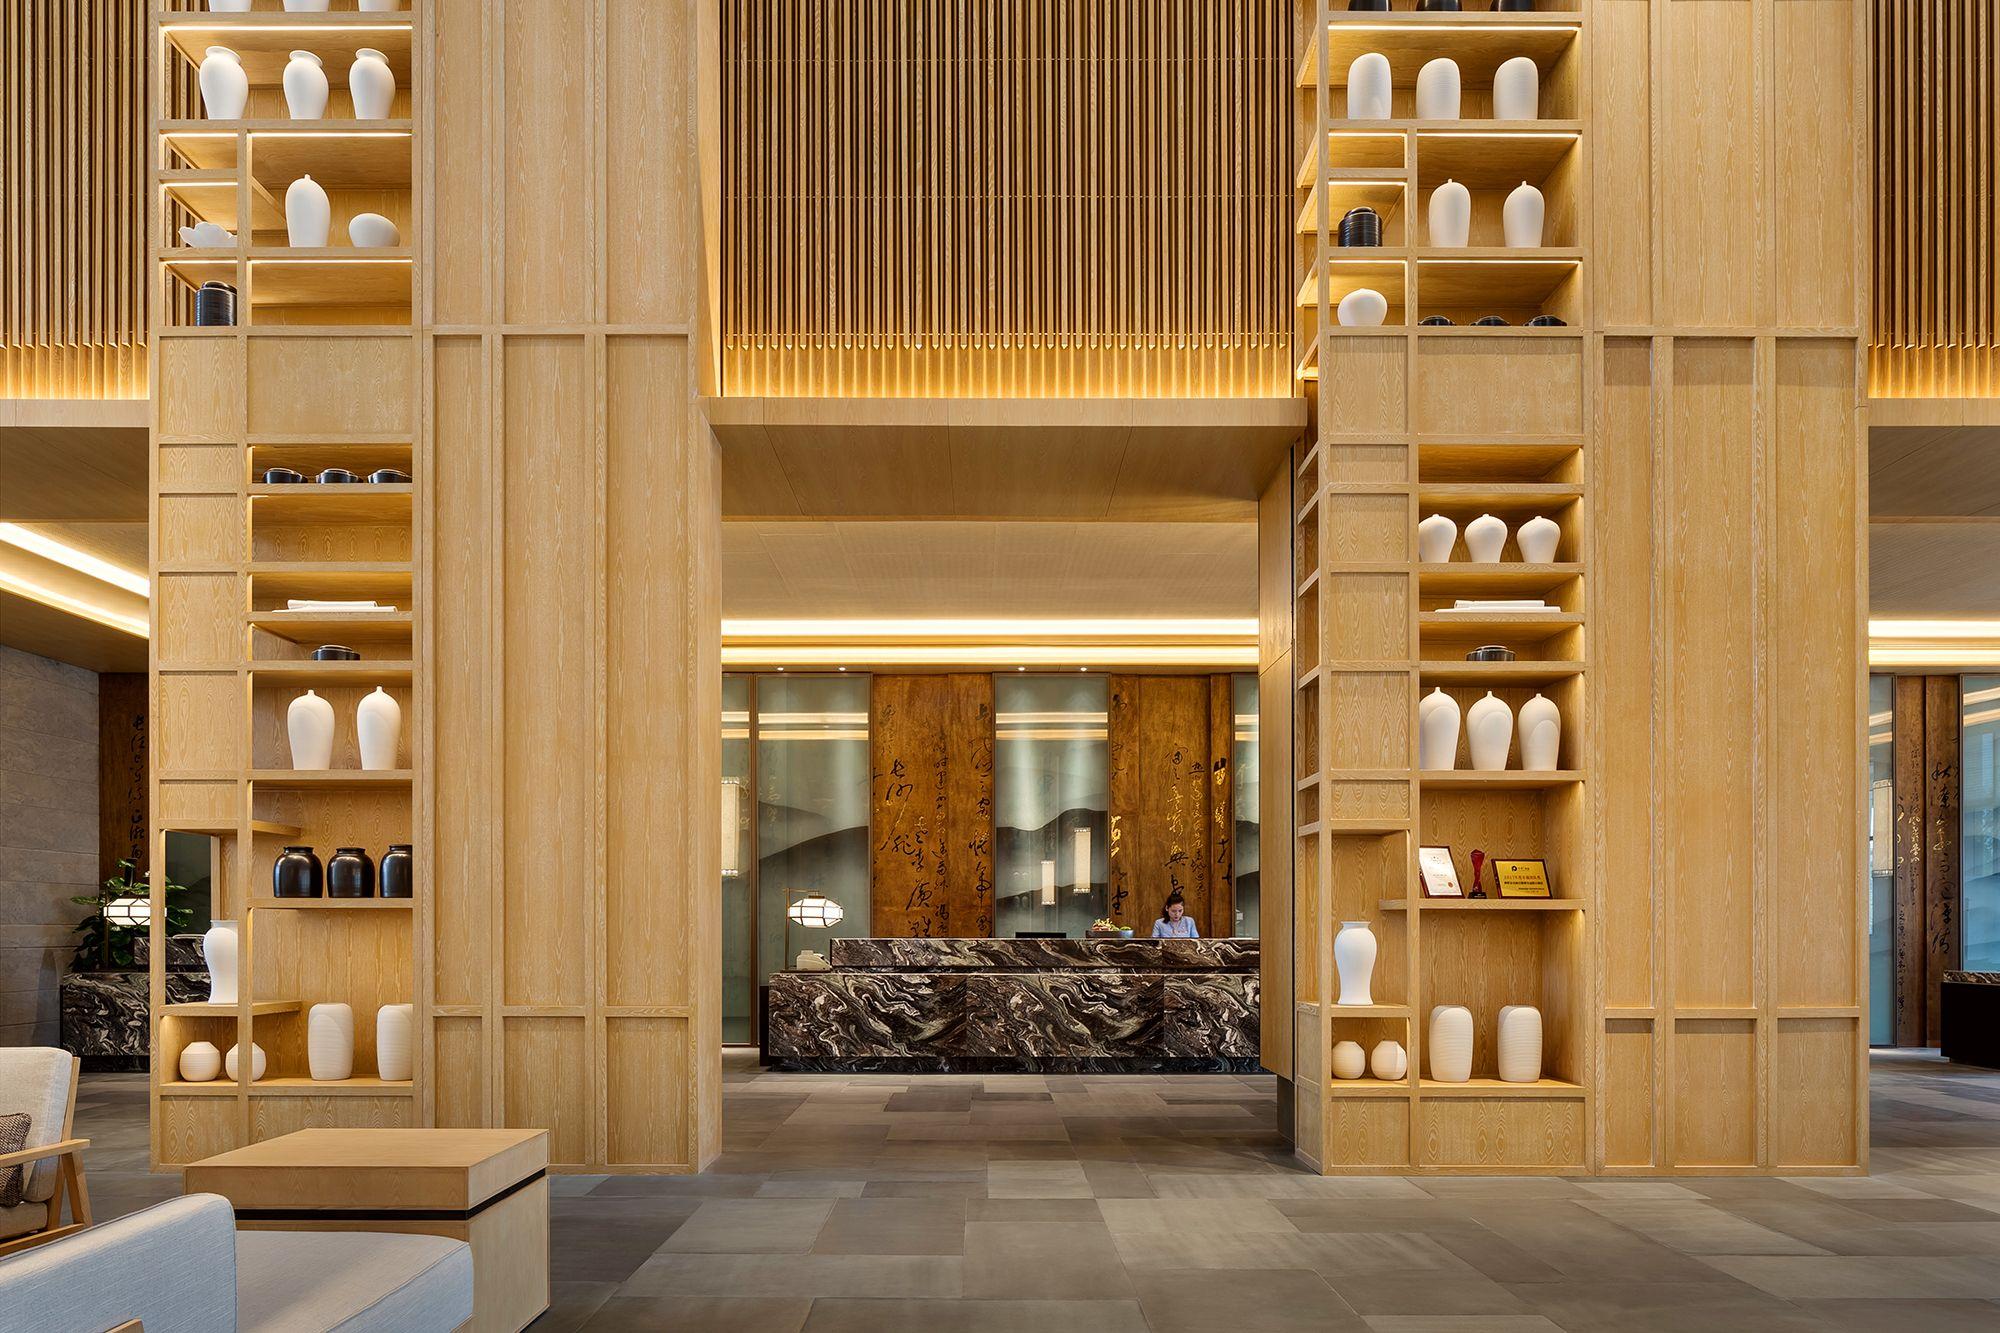 南昌保利皇冠假日酒店 营造自然之境 Yang杨邦胜 品牌酒店 马蹄室内设计论坛 序赞网 手机版 Powered By Discuz Lobby Reception Design Lobby Design Hotels Design